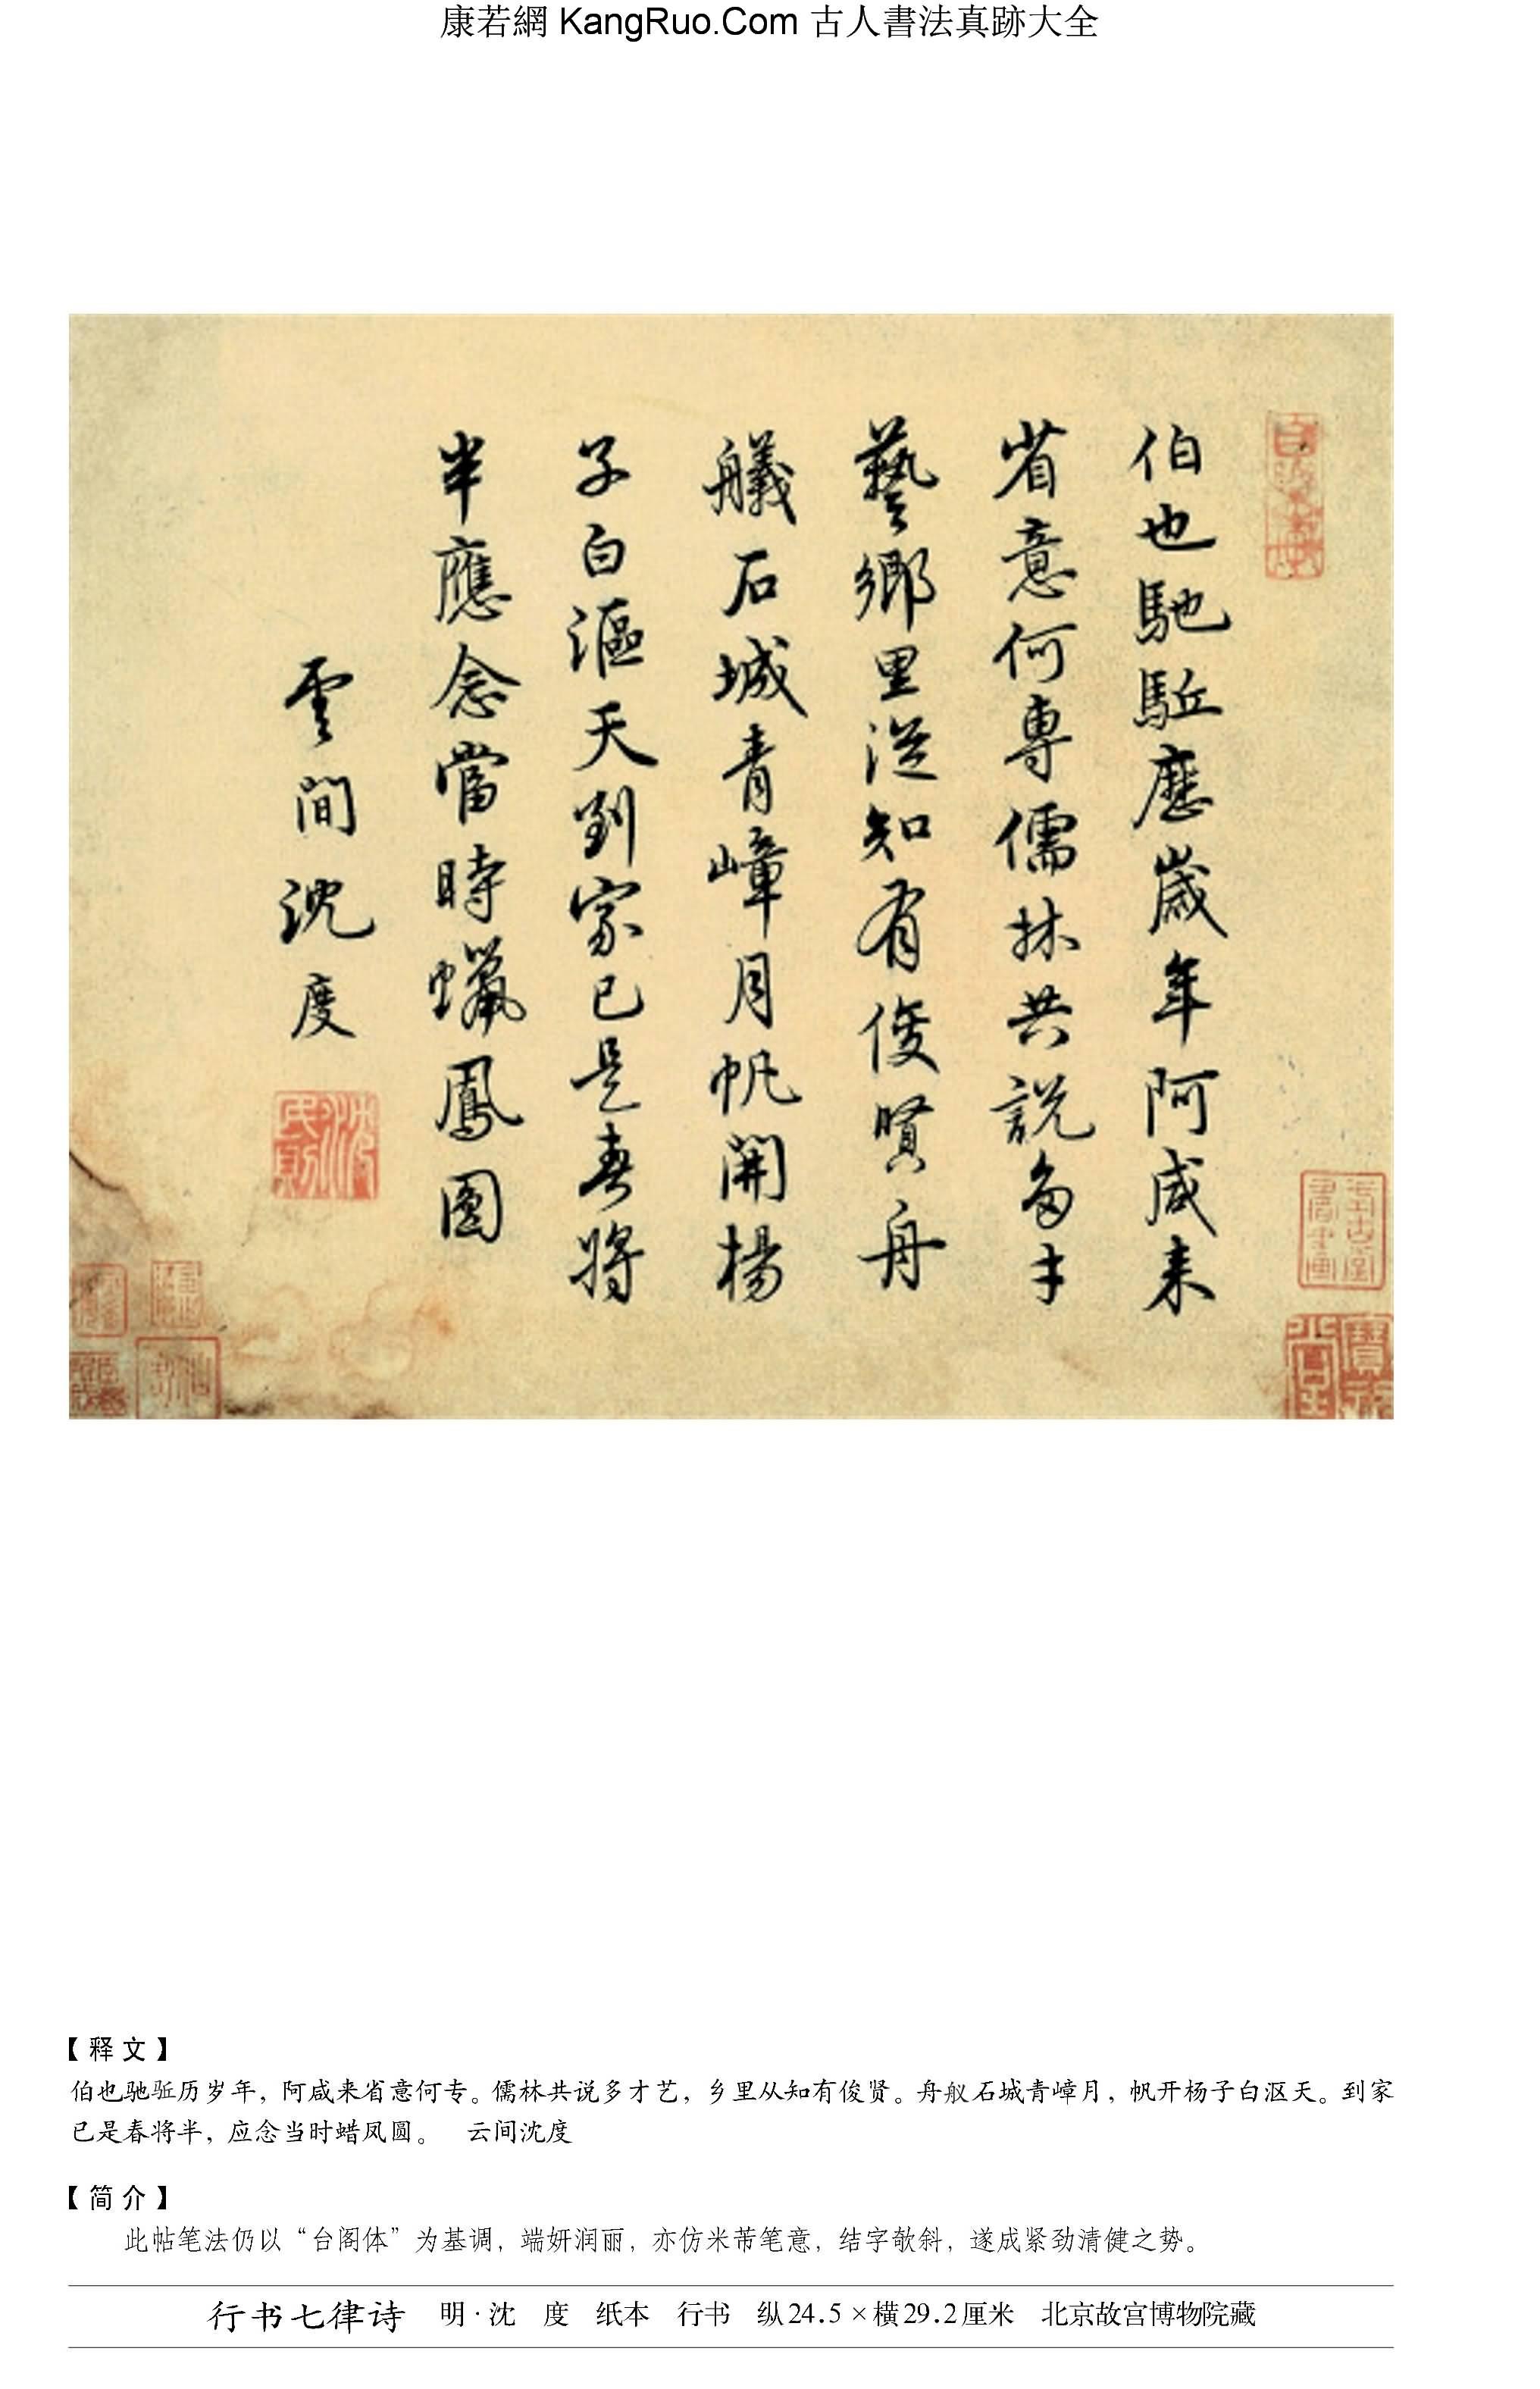 《行書七律詩》書法真跡(行書)【明朝·沈度】_00168